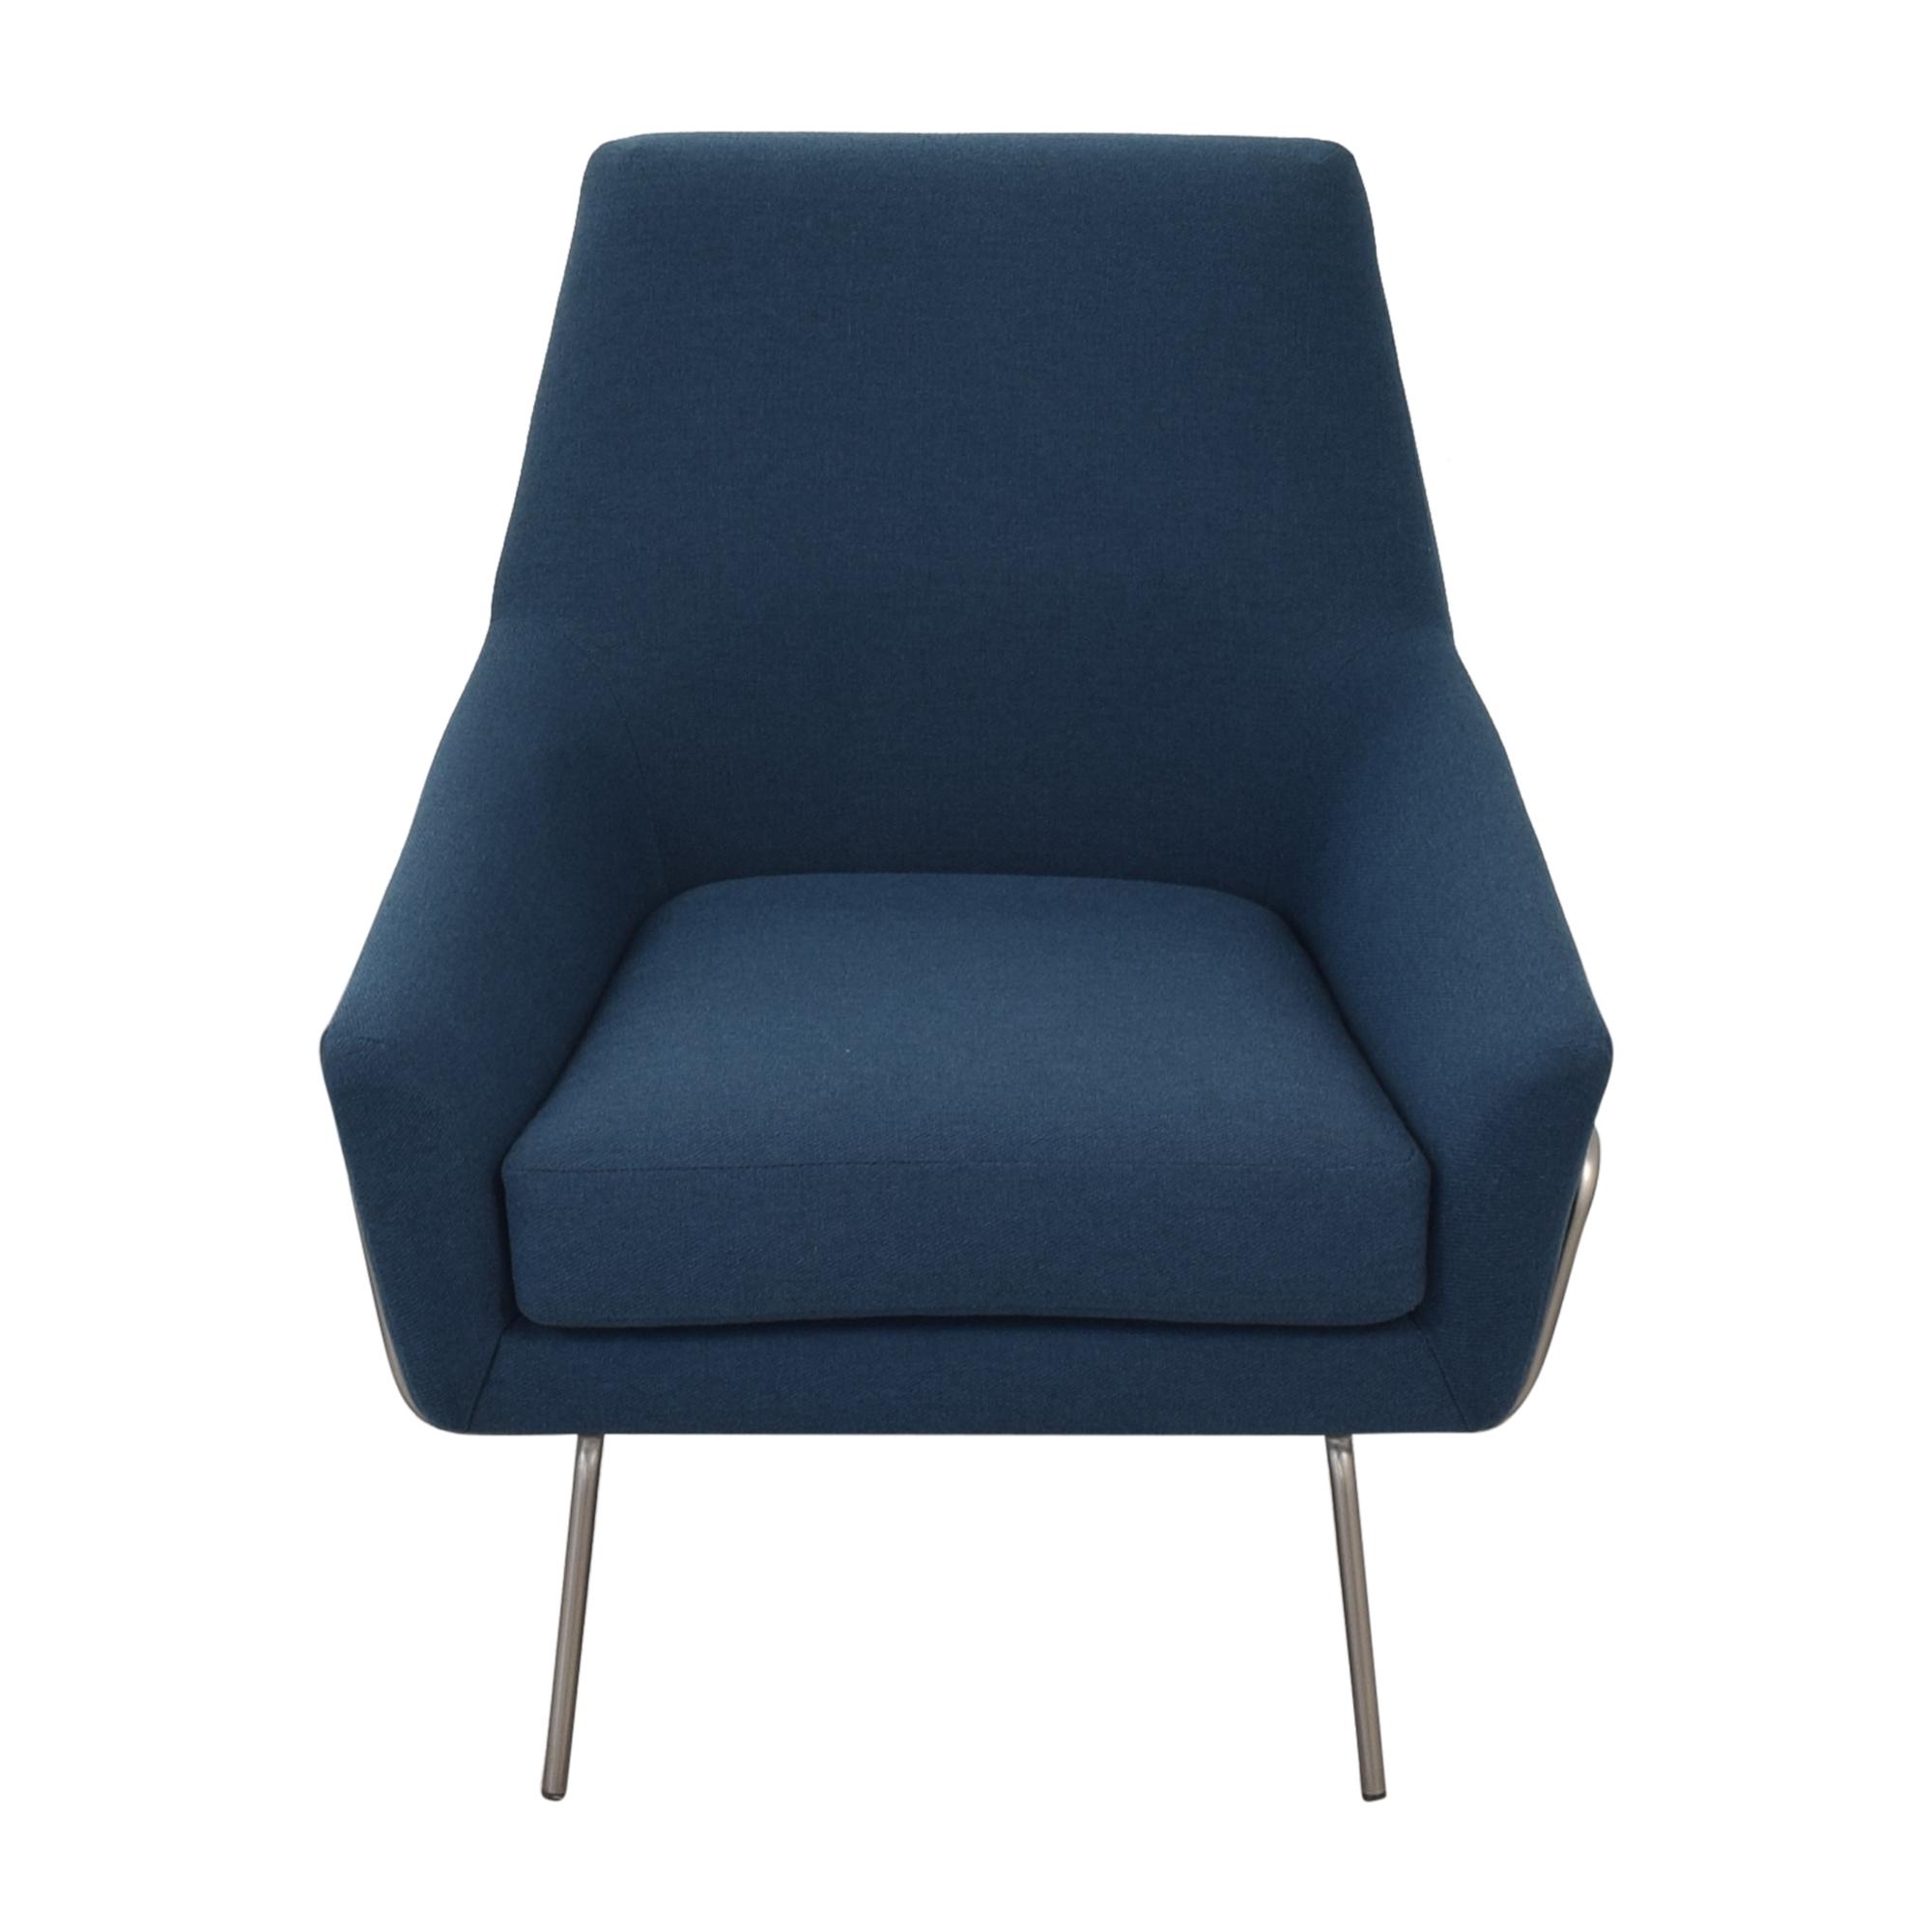 West Elm Lucas Wire Base Chair sale